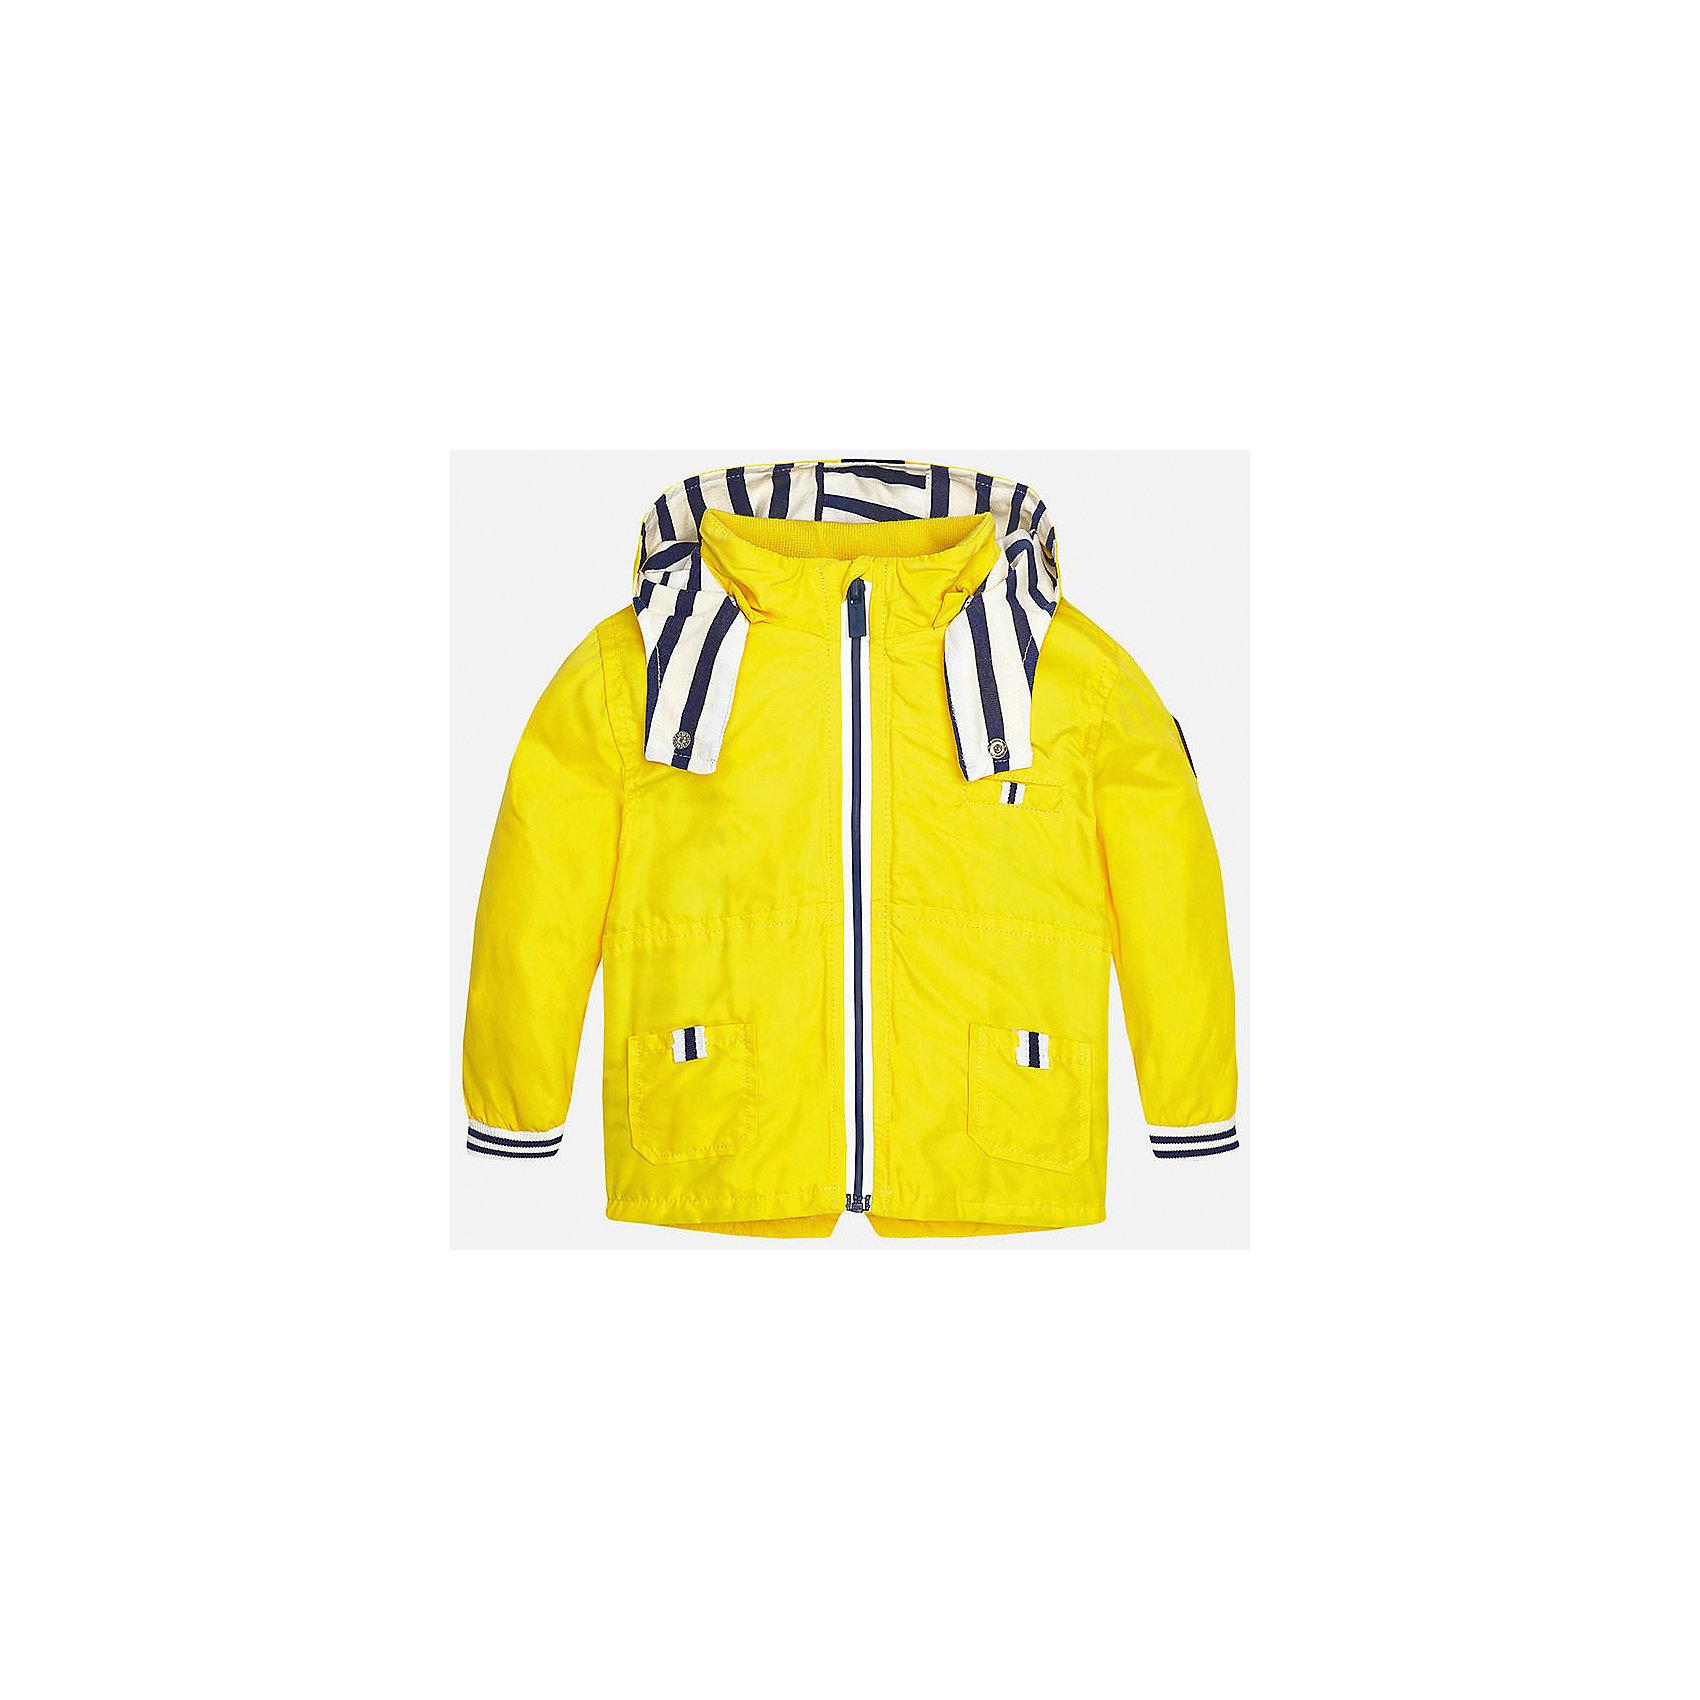 Ветровка для мальчика MayoralВерхняя одежда<br>Характеристики товара:<br><br>• цвет: желтый<br>• состав: 100% полиэстер, подкладка - 65% полиэстер, 35% хлопок<br>• манжеты <br>• карманы<br>• молния<br>• капюшон<br>• страна бренда: Испания<br><br>Легкая ветровка для мальчика поможет разнообразить гардероб ребенка и обеспечить тепло в прохладную погоду. Она отлично сочетается и с джинсами, и с брюками. Универсальный цвет позволяет подобрать к вещи низ различных расцветок. Интересная отделка модели делает её нарядной и оригинальной. В составе материала подкладки - натуральный хлопок, гипоаллергенный, приятный на ощупь, дышащий.<br><br>Одежда, обувь и аксессуары от испанского бренда Mayoral полюбились детям и взрослым по всему миру. Модели этой марки - стильные и удобные. Для их производства используются только безопасные, качественные материалы и фурнитура. Порадуйте ребенка модными и красивыми вещами от Mayoral! <br><br>Ветровку для мальчика от испанского бренда Mayoral (Майорал) можно купить в нашем интернет-магазине.<br><br>Ширина мм: 356<br>Глубина мм: 10<br>Высота мм: 245<br>Вес г: 519<br>Цвет: желтый<br>Возраст от месяцев: 18<br>Возраст до месяцев: 24<br>Пол: Мужской<br>Возраст: Детский<br>Размер: 92,86,80<br>SKU: 5279608